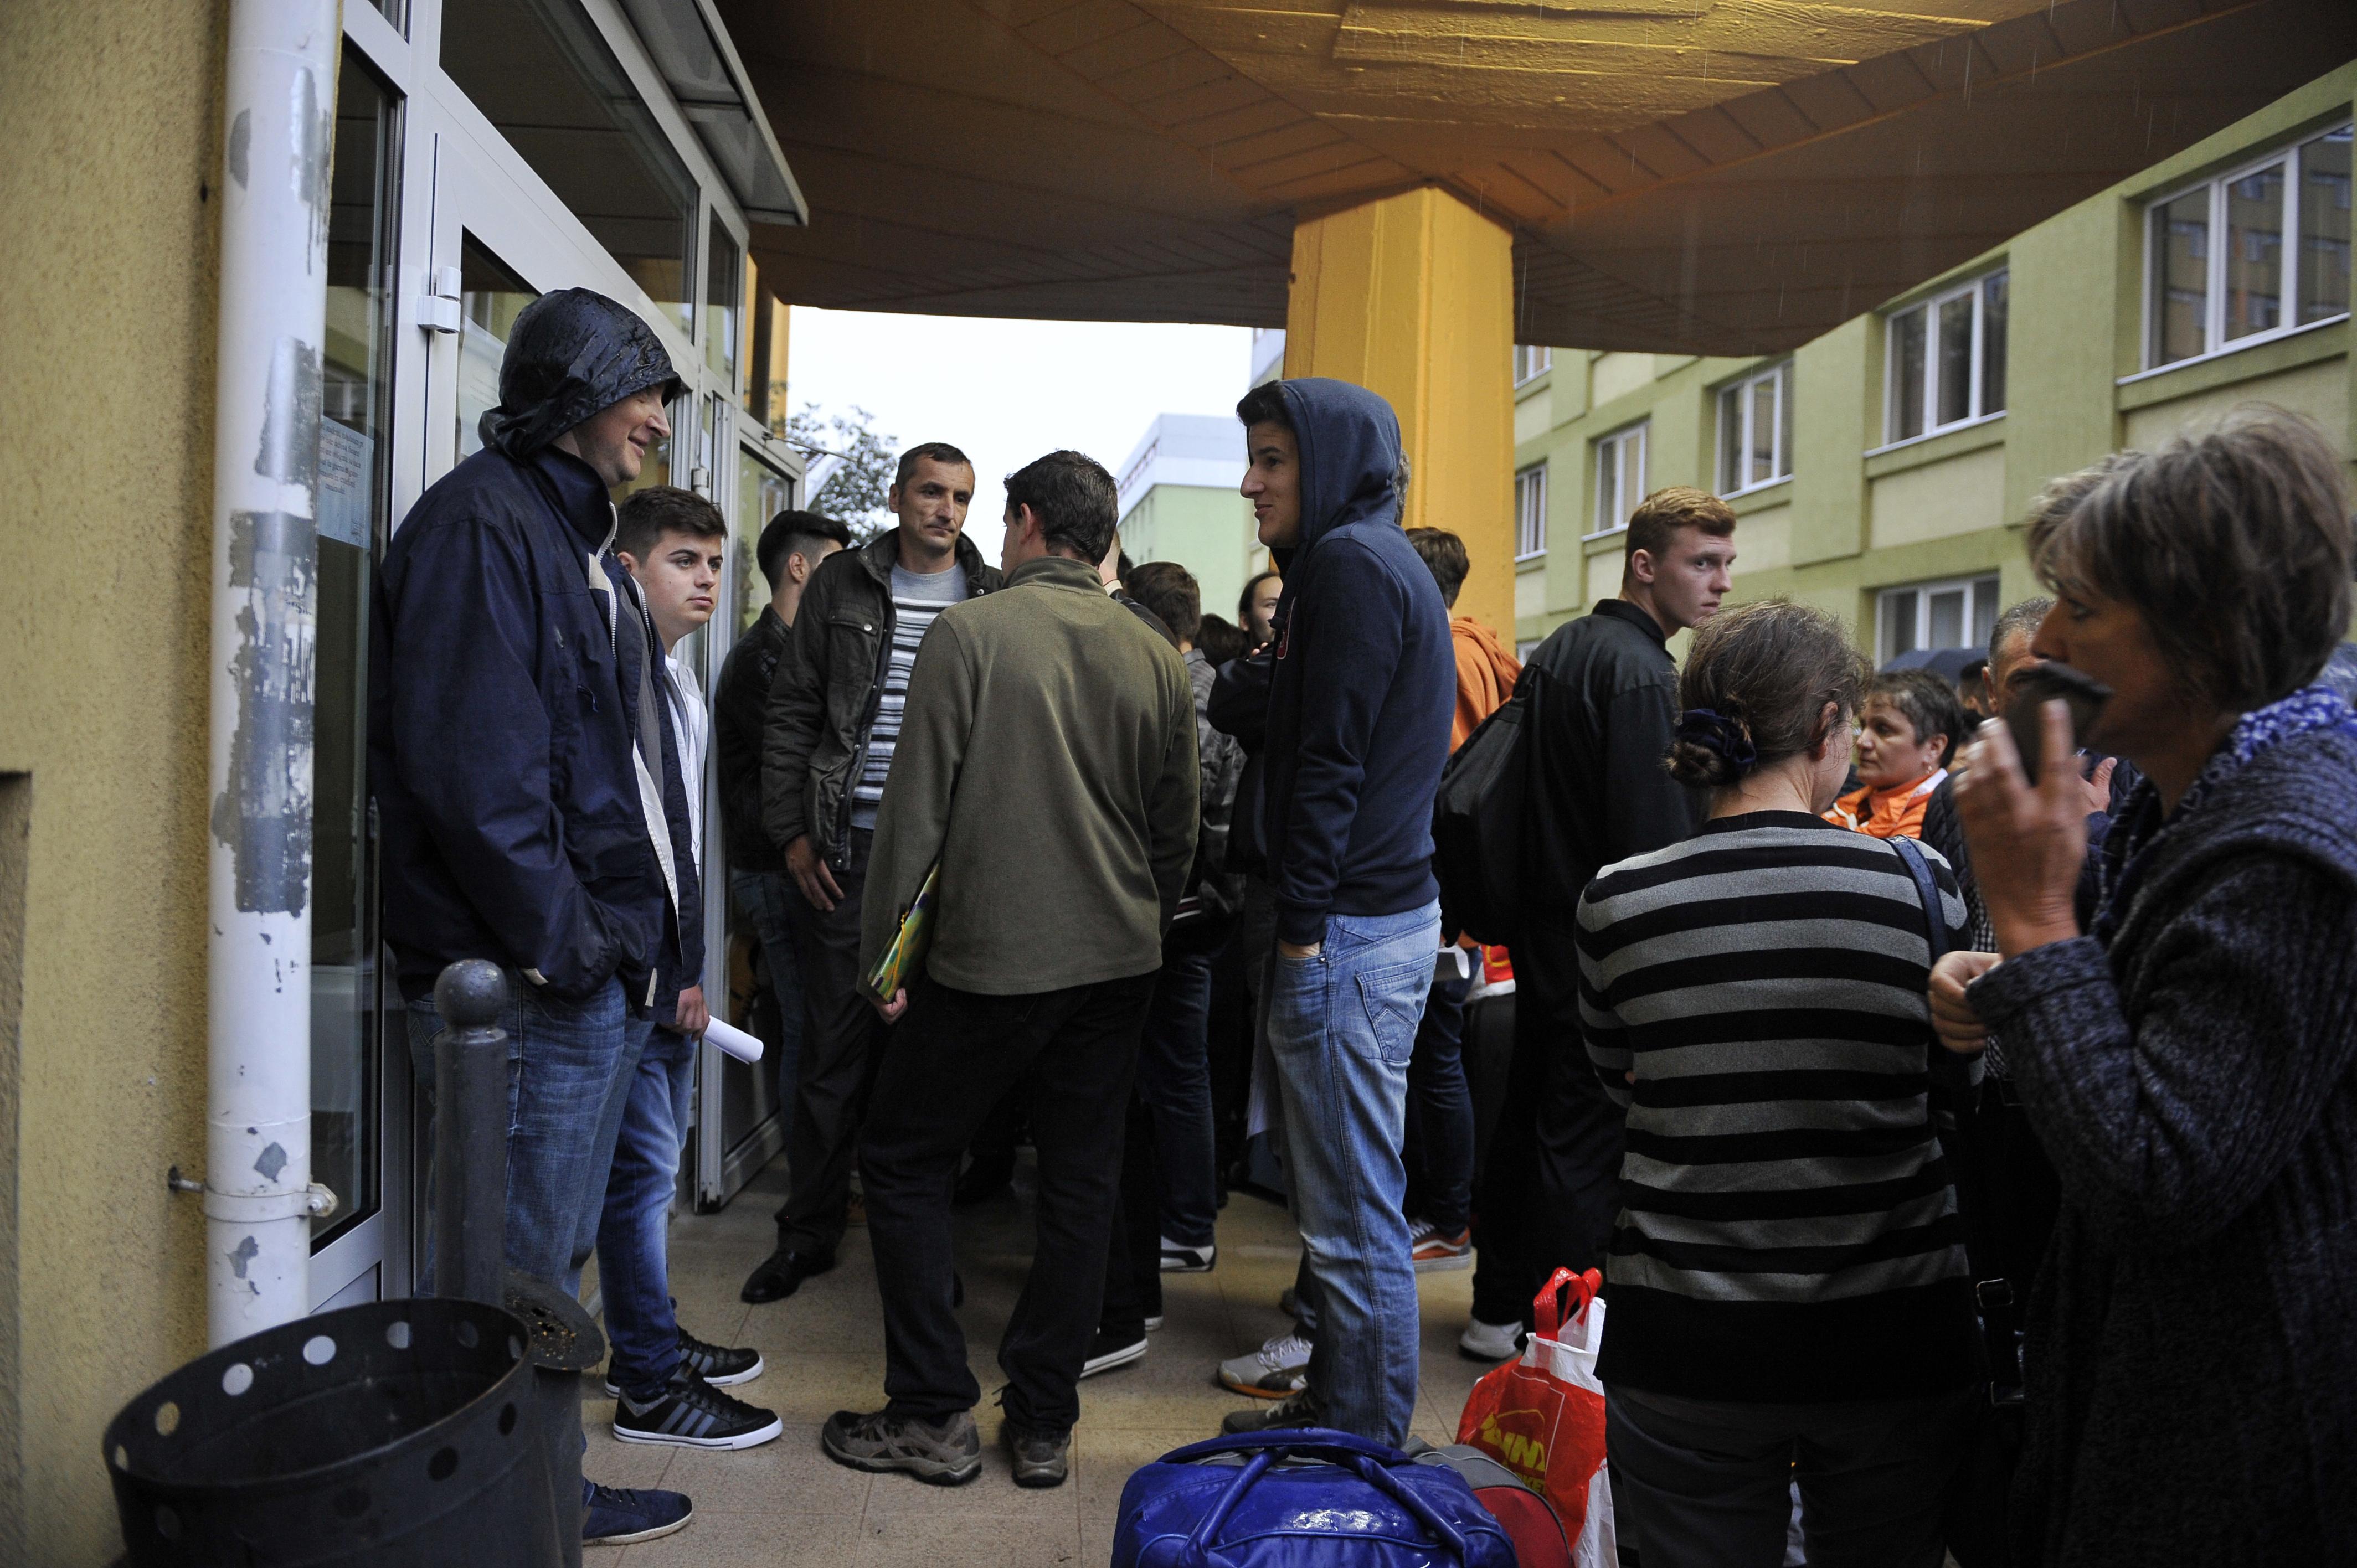 Bătaie pe locurile de la cămine | Record de cazare la Universitatea din Iaşi: 90 la sută din locuri sunt ocupate